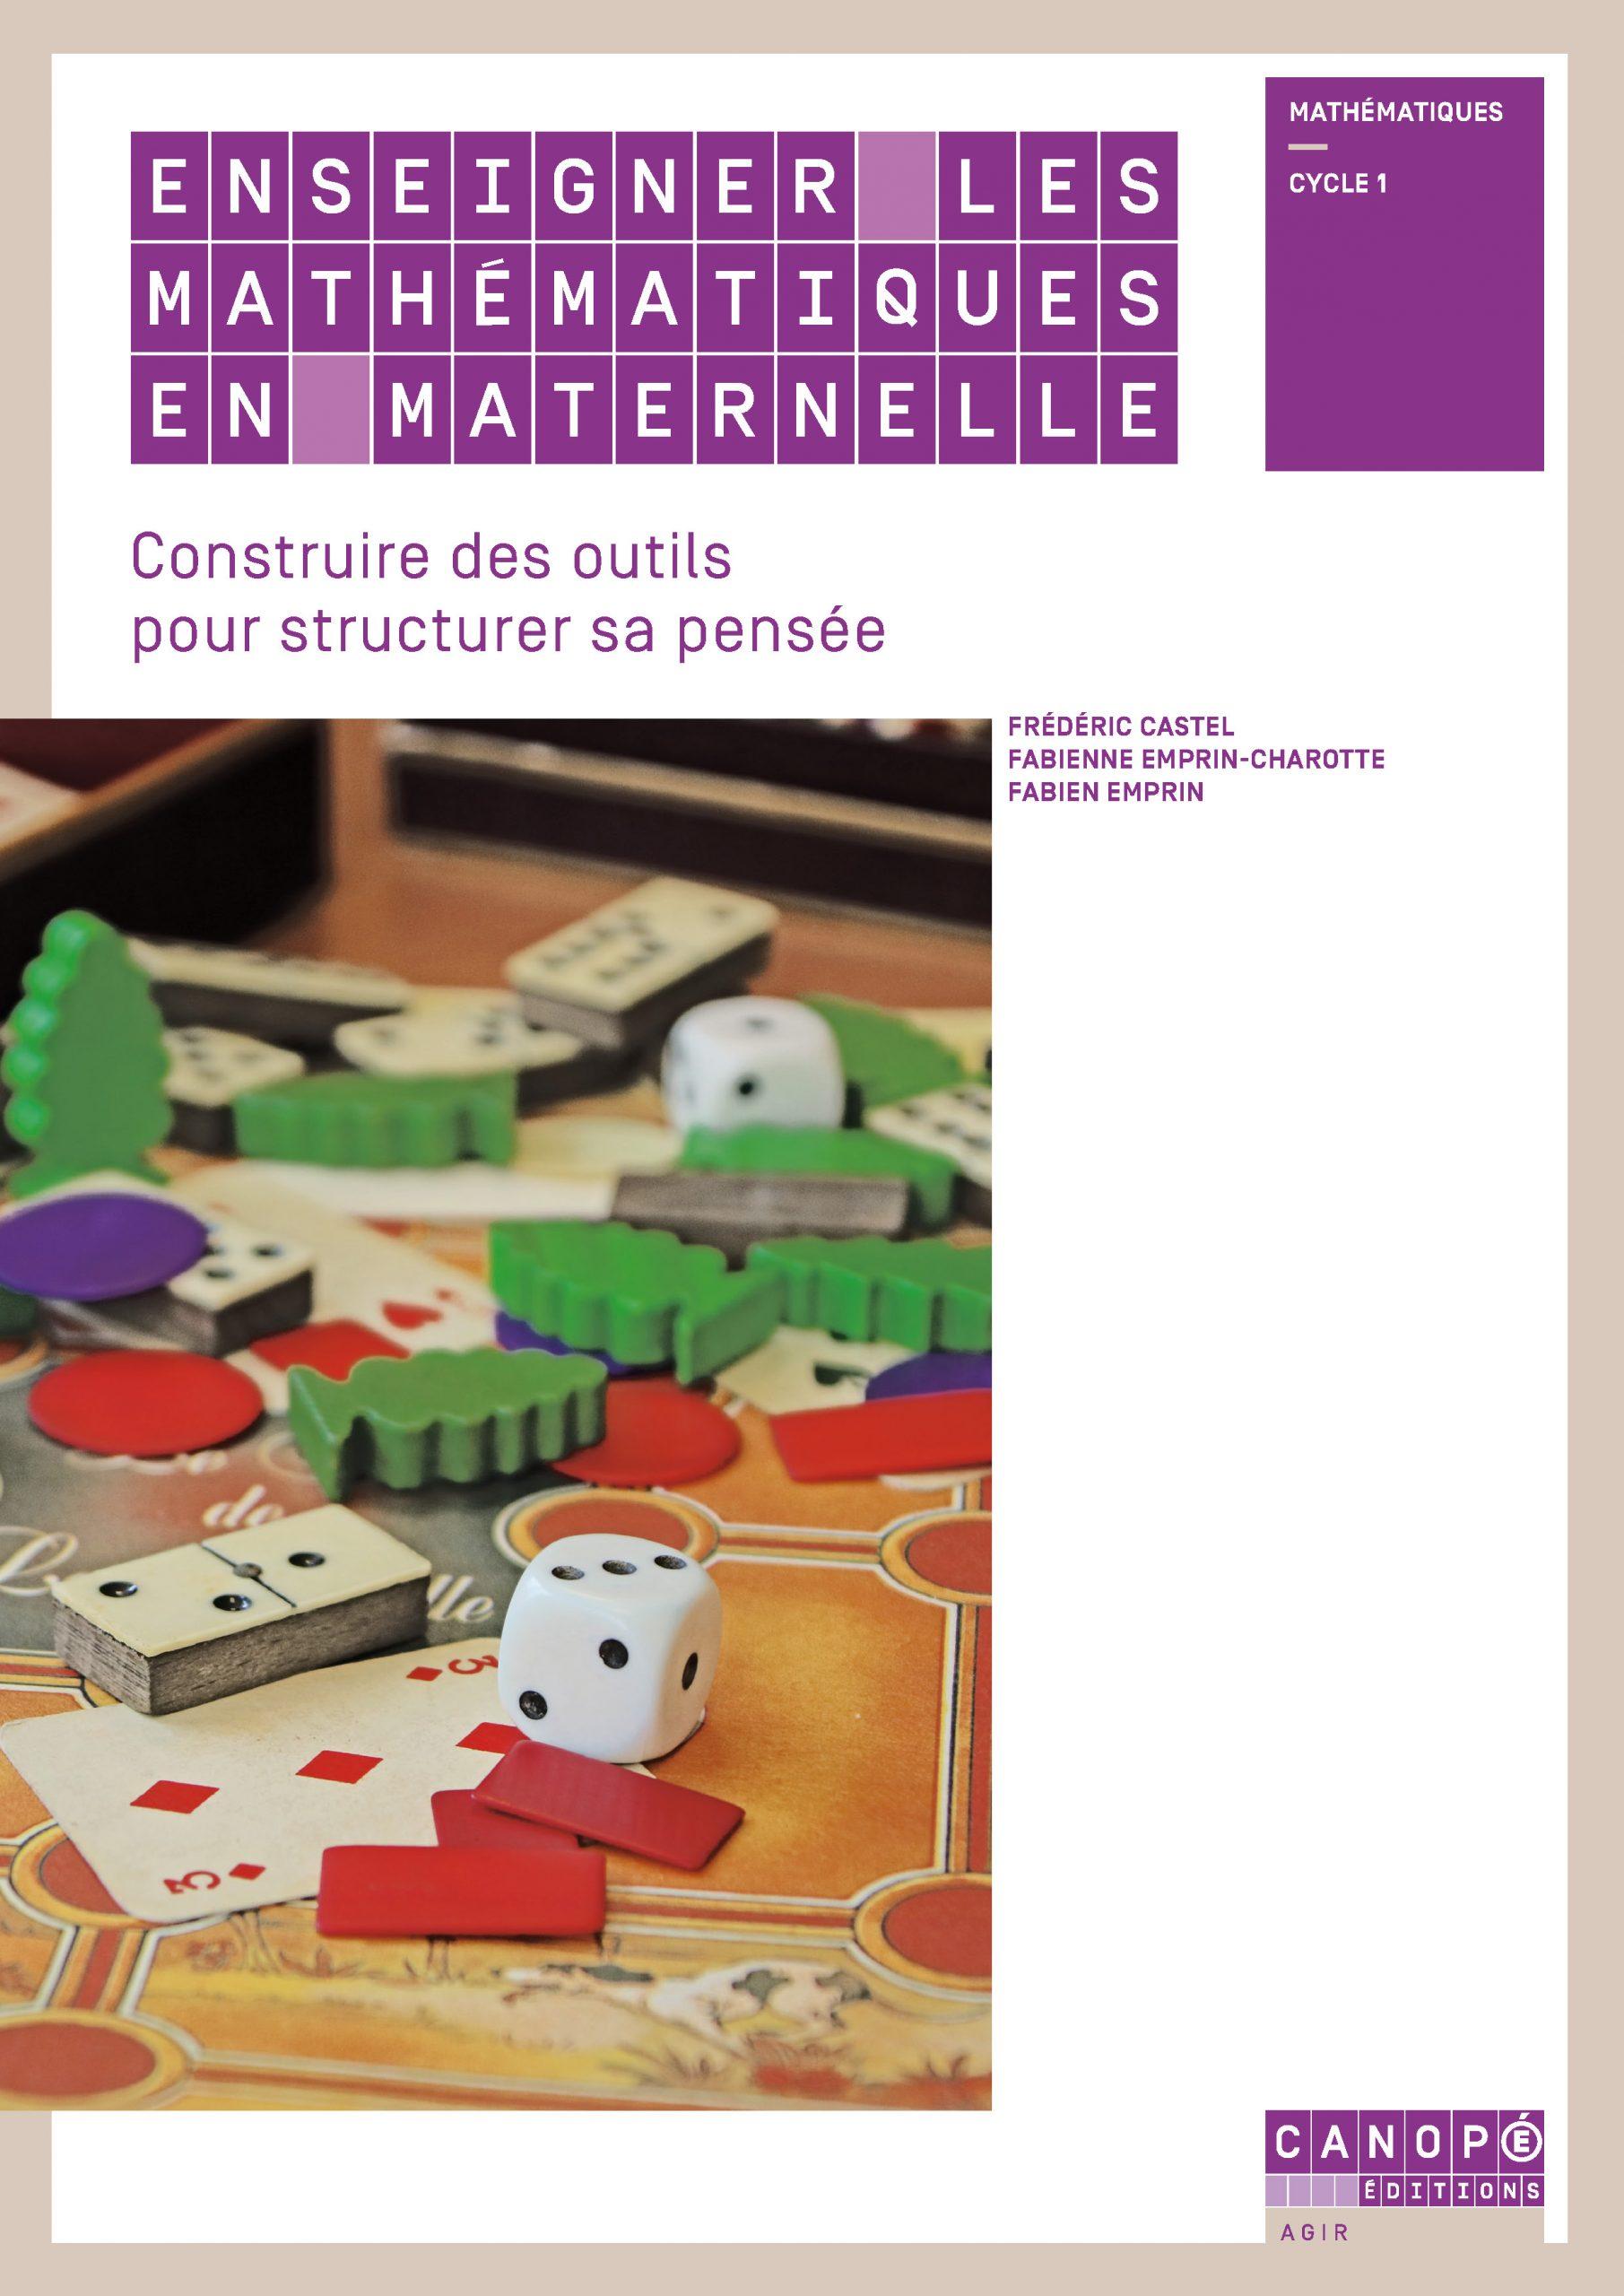 Maternelle - Réseau Canopé pour Jeux Didactiques Maternelle